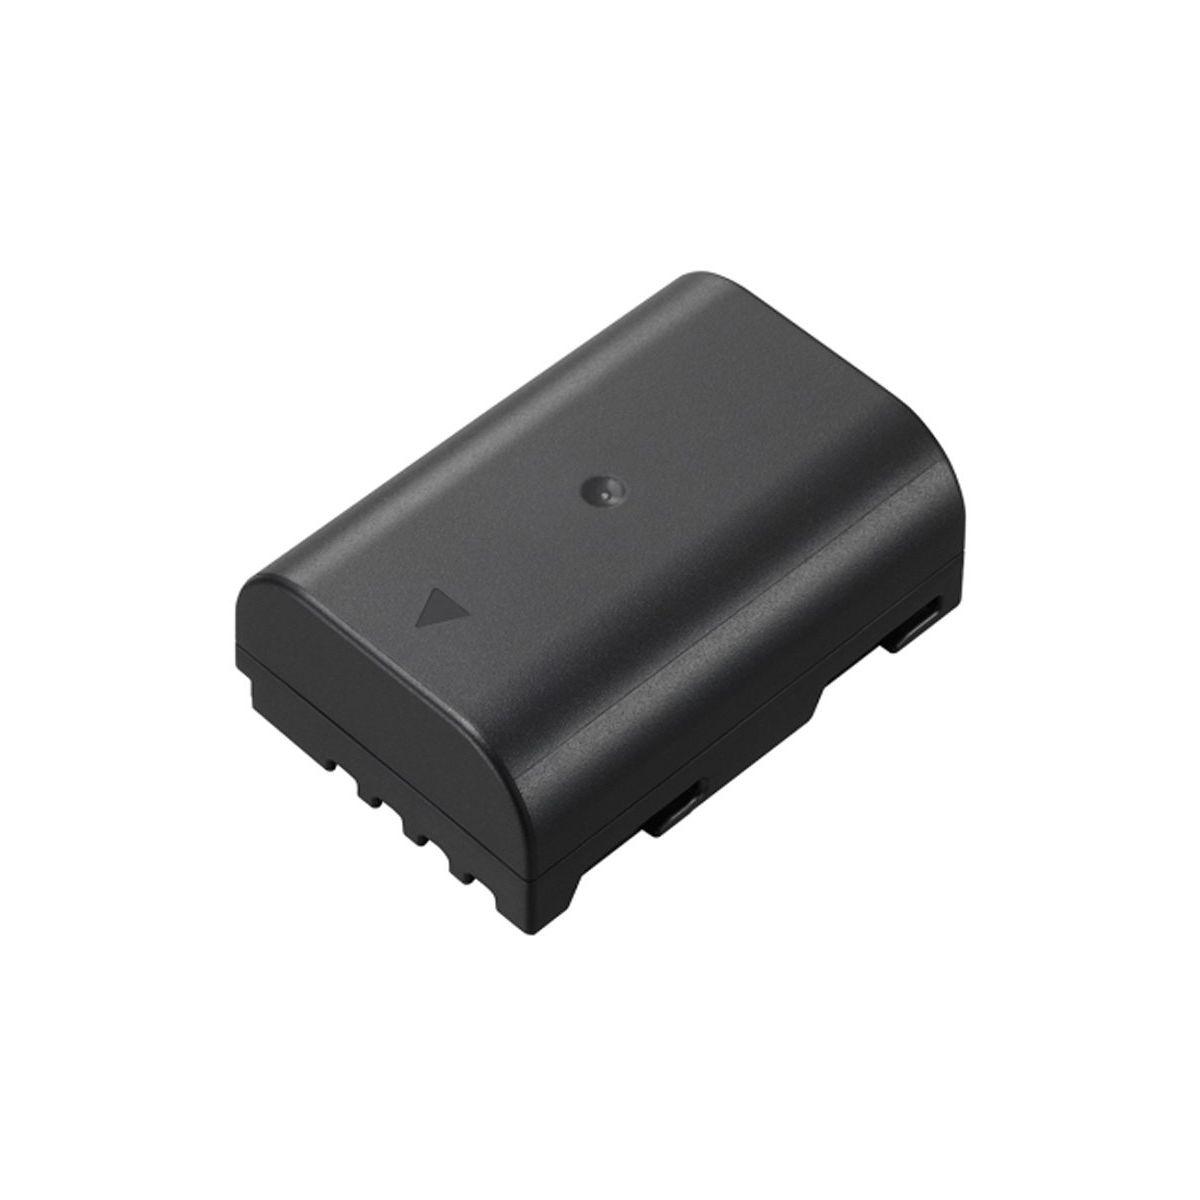 Batterie panasonic dmw-blf19e pour gh4 - 2% de remise imm�diate avec le code : paques2 (photo)